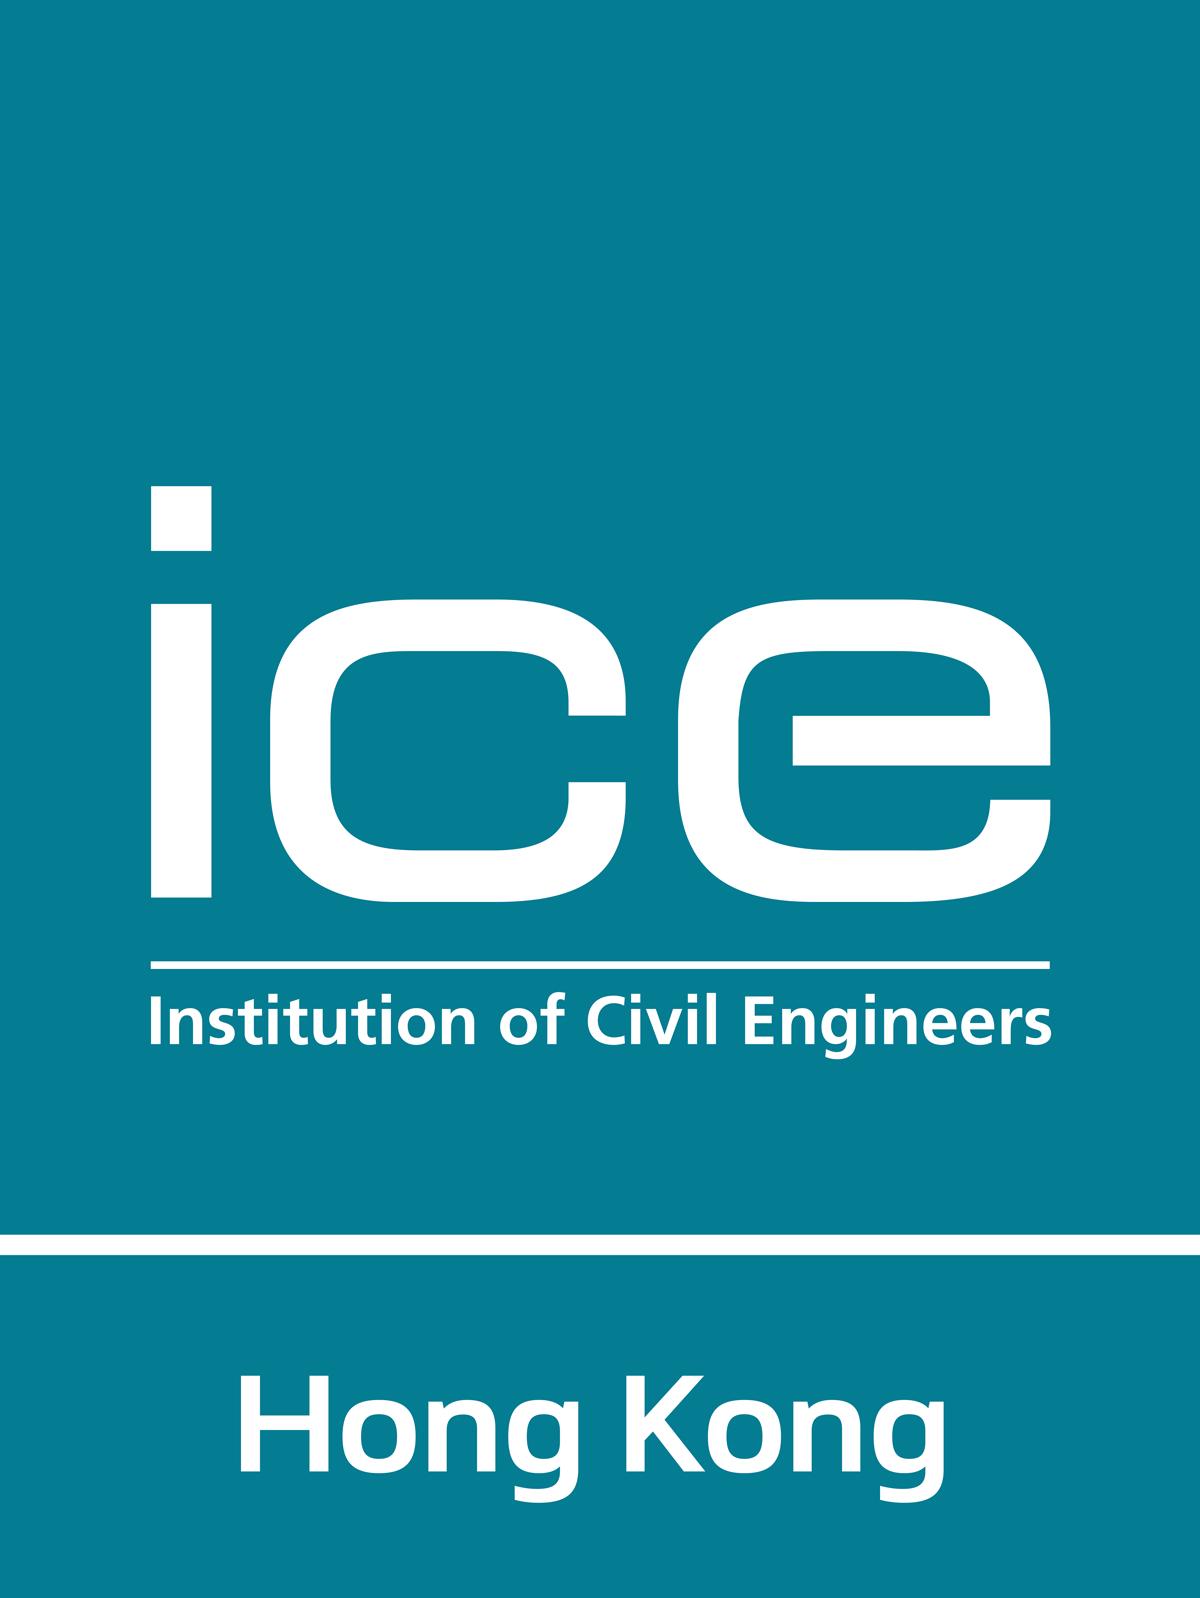 ICE_HongKong_logo